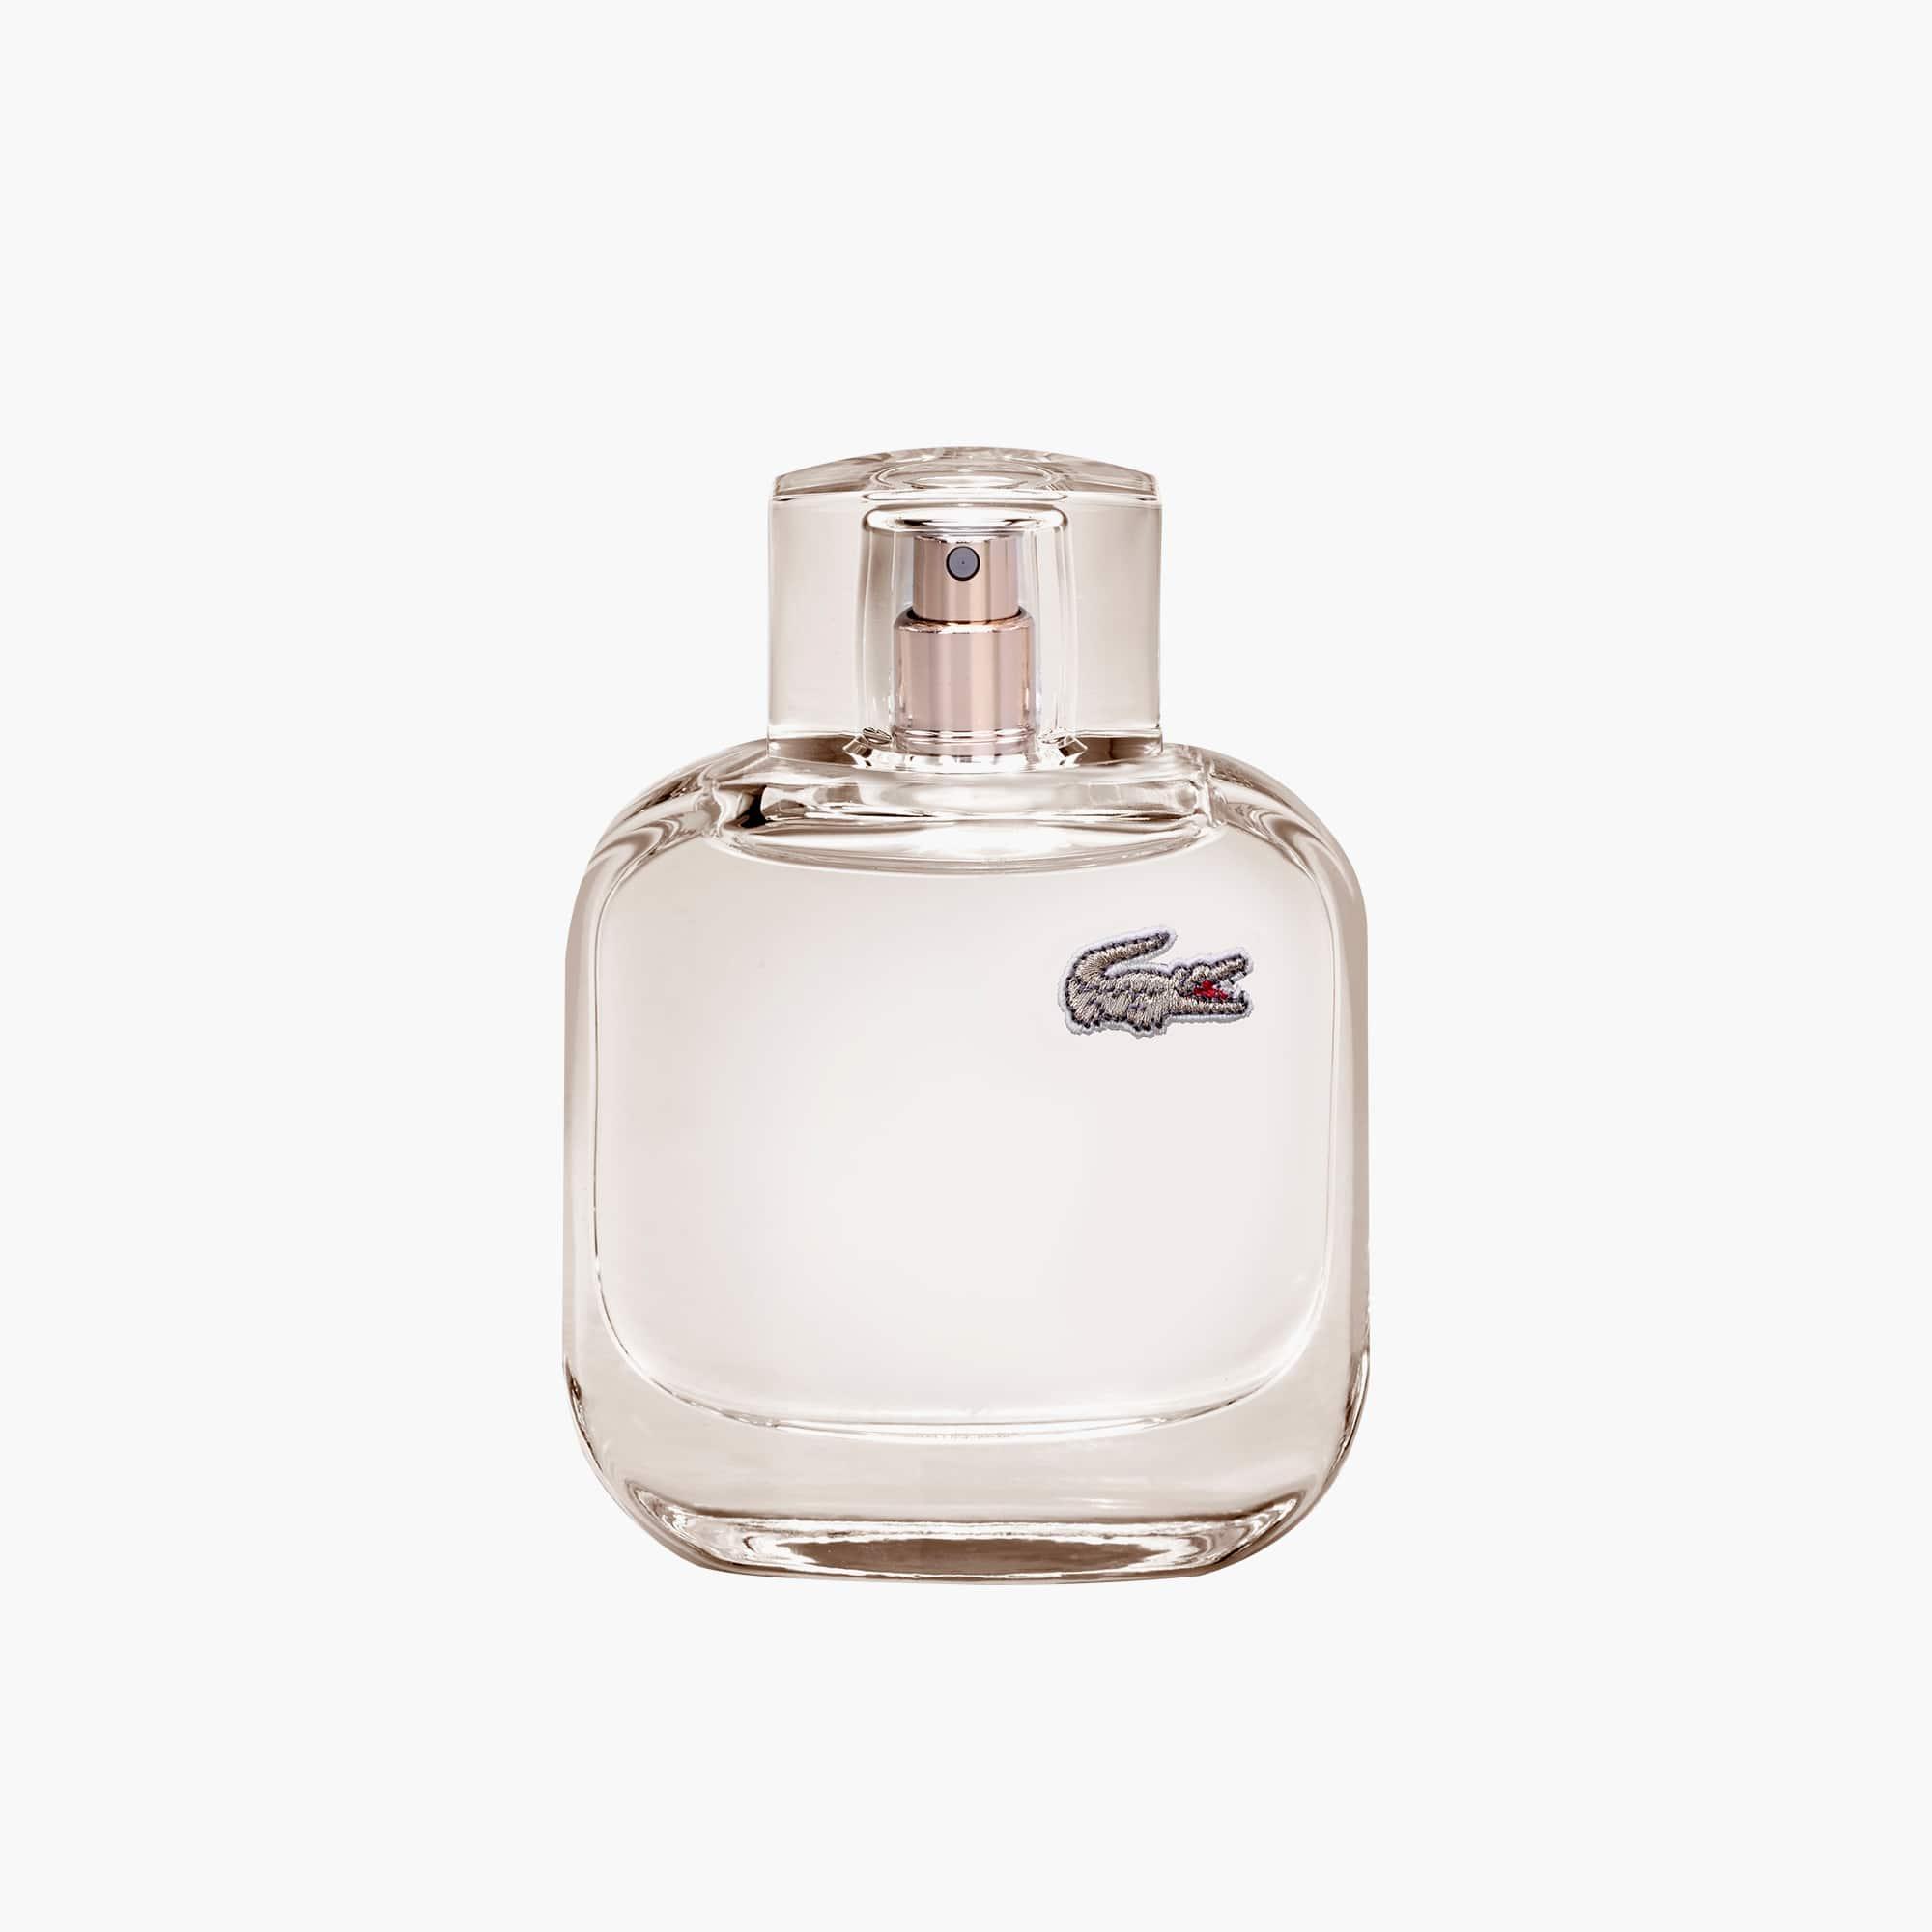 Tous Les Les Parfums Parfums Lacoste Tous Les Les Lacoste Tous Tous Lacoste Parfums E2bYIeH9WD